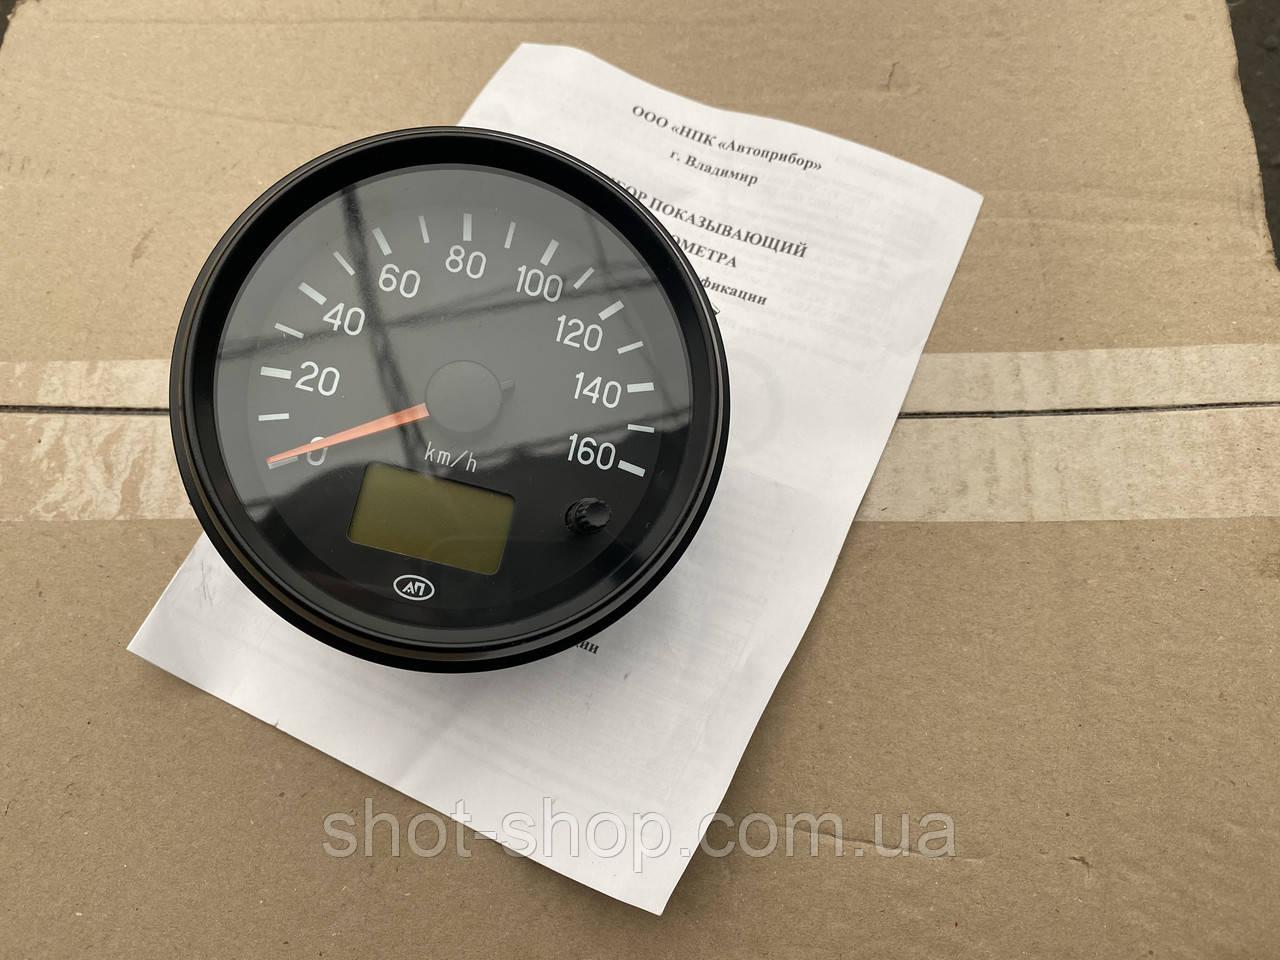 Спідометр електронний (85.3802) УАЗ